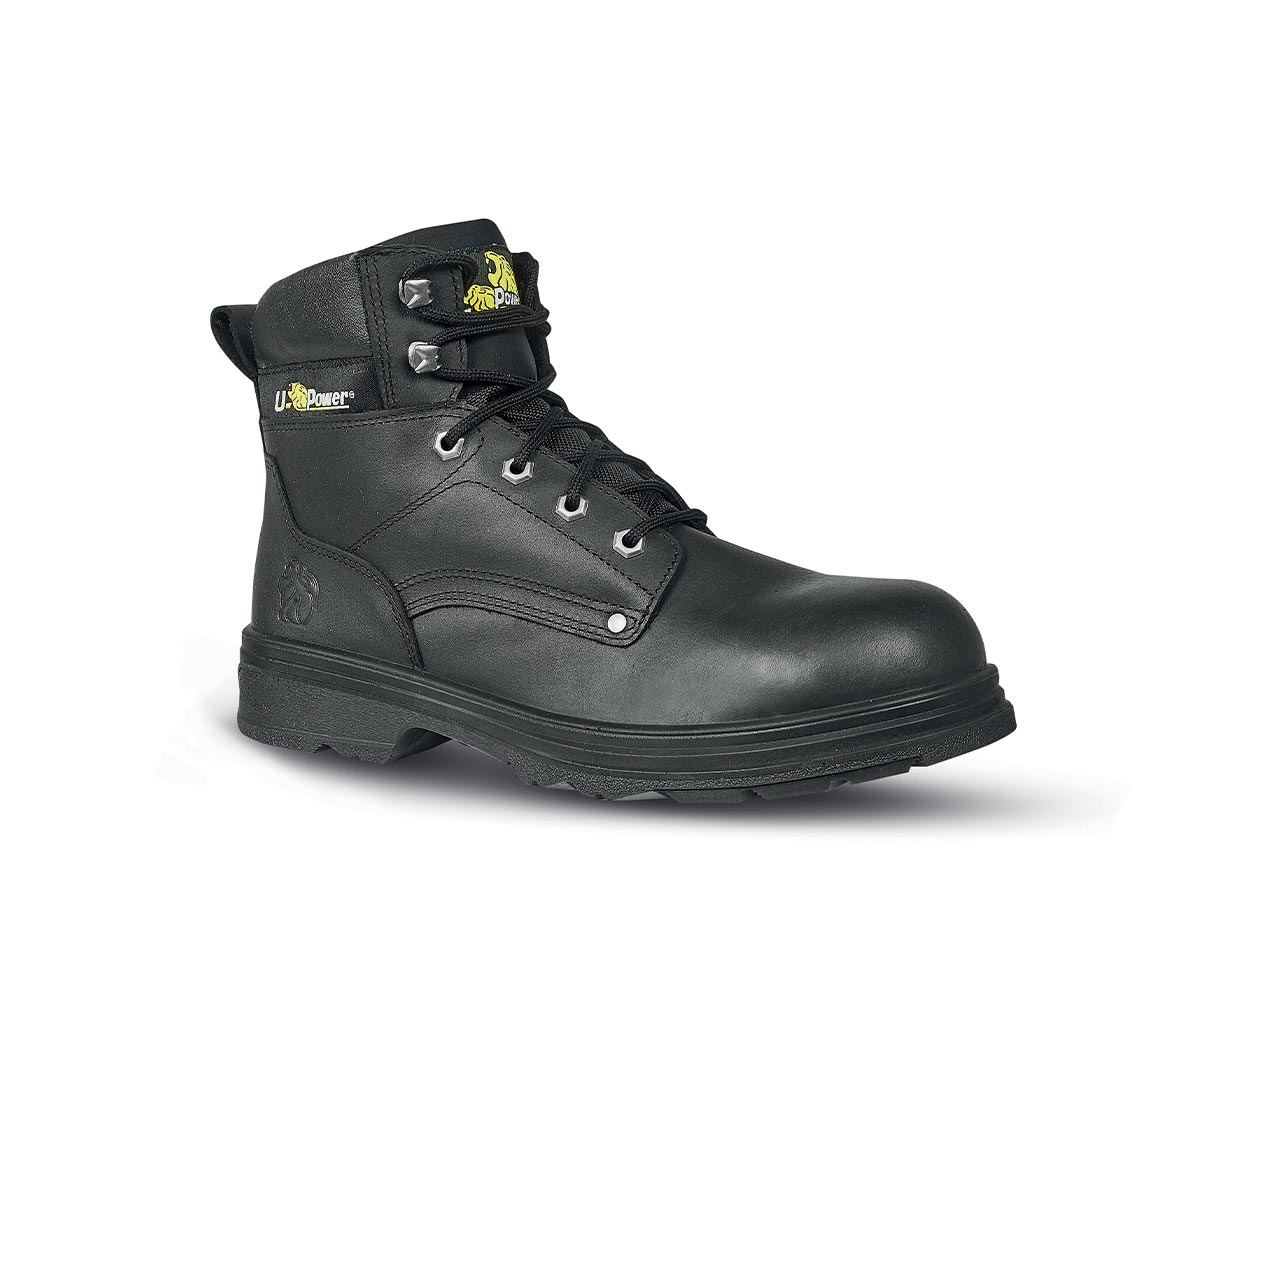 scarpa antinfortunistica upower modello track linea conceptm vista laterale